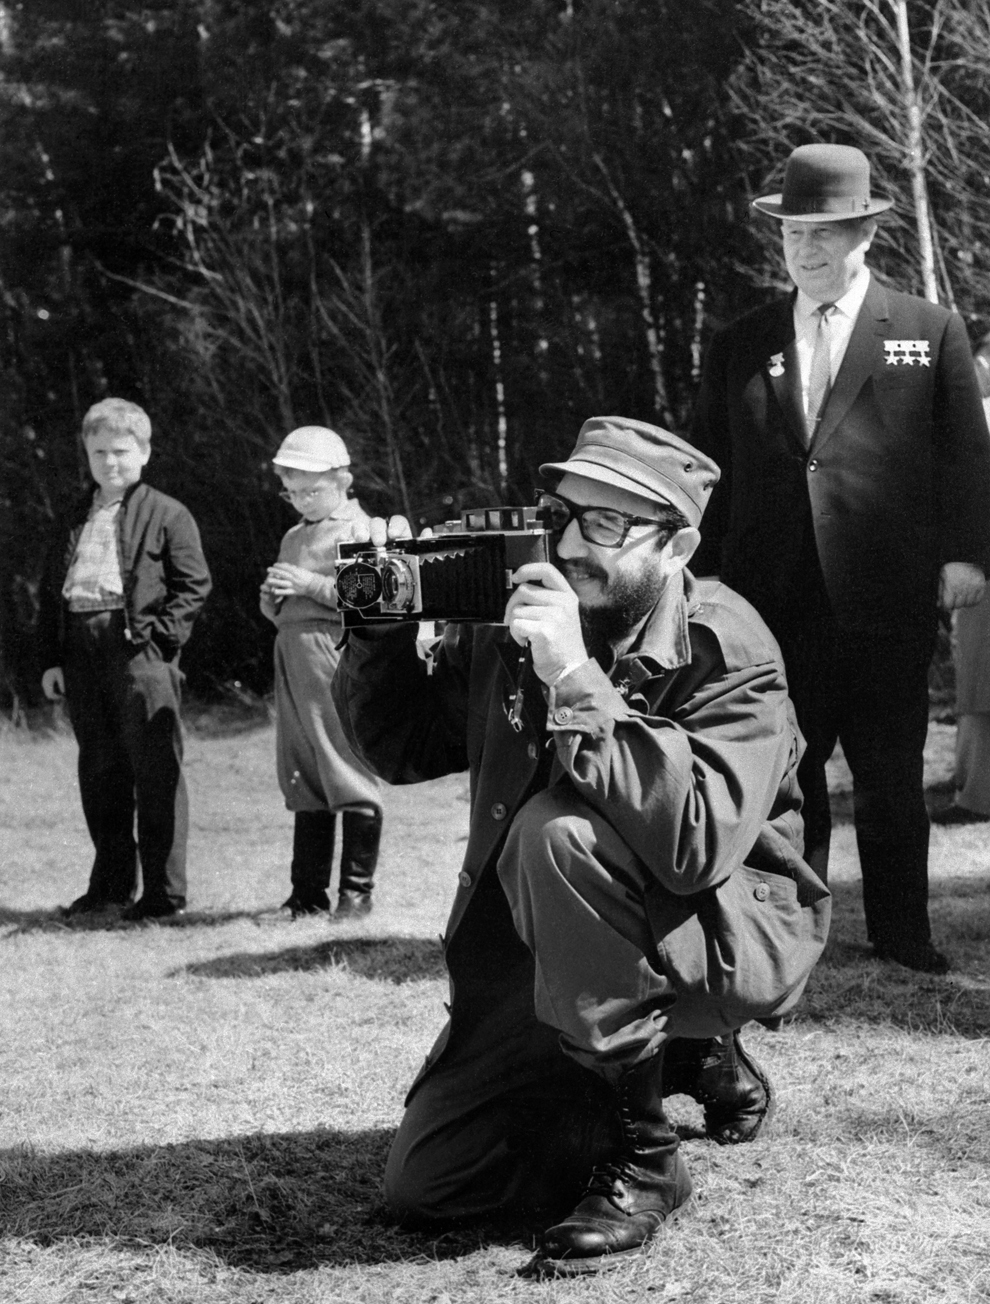 Primul Secretar al Partidului Comunist Cubanez şi preşedintele consiliului de stat, Fidel Castro (C) face o fotografie lângă liderul sovietic Nikita Hruşciov (D), în timpul vizitei de patru săptămâni la Moscova, luni, 6 mai 1963.